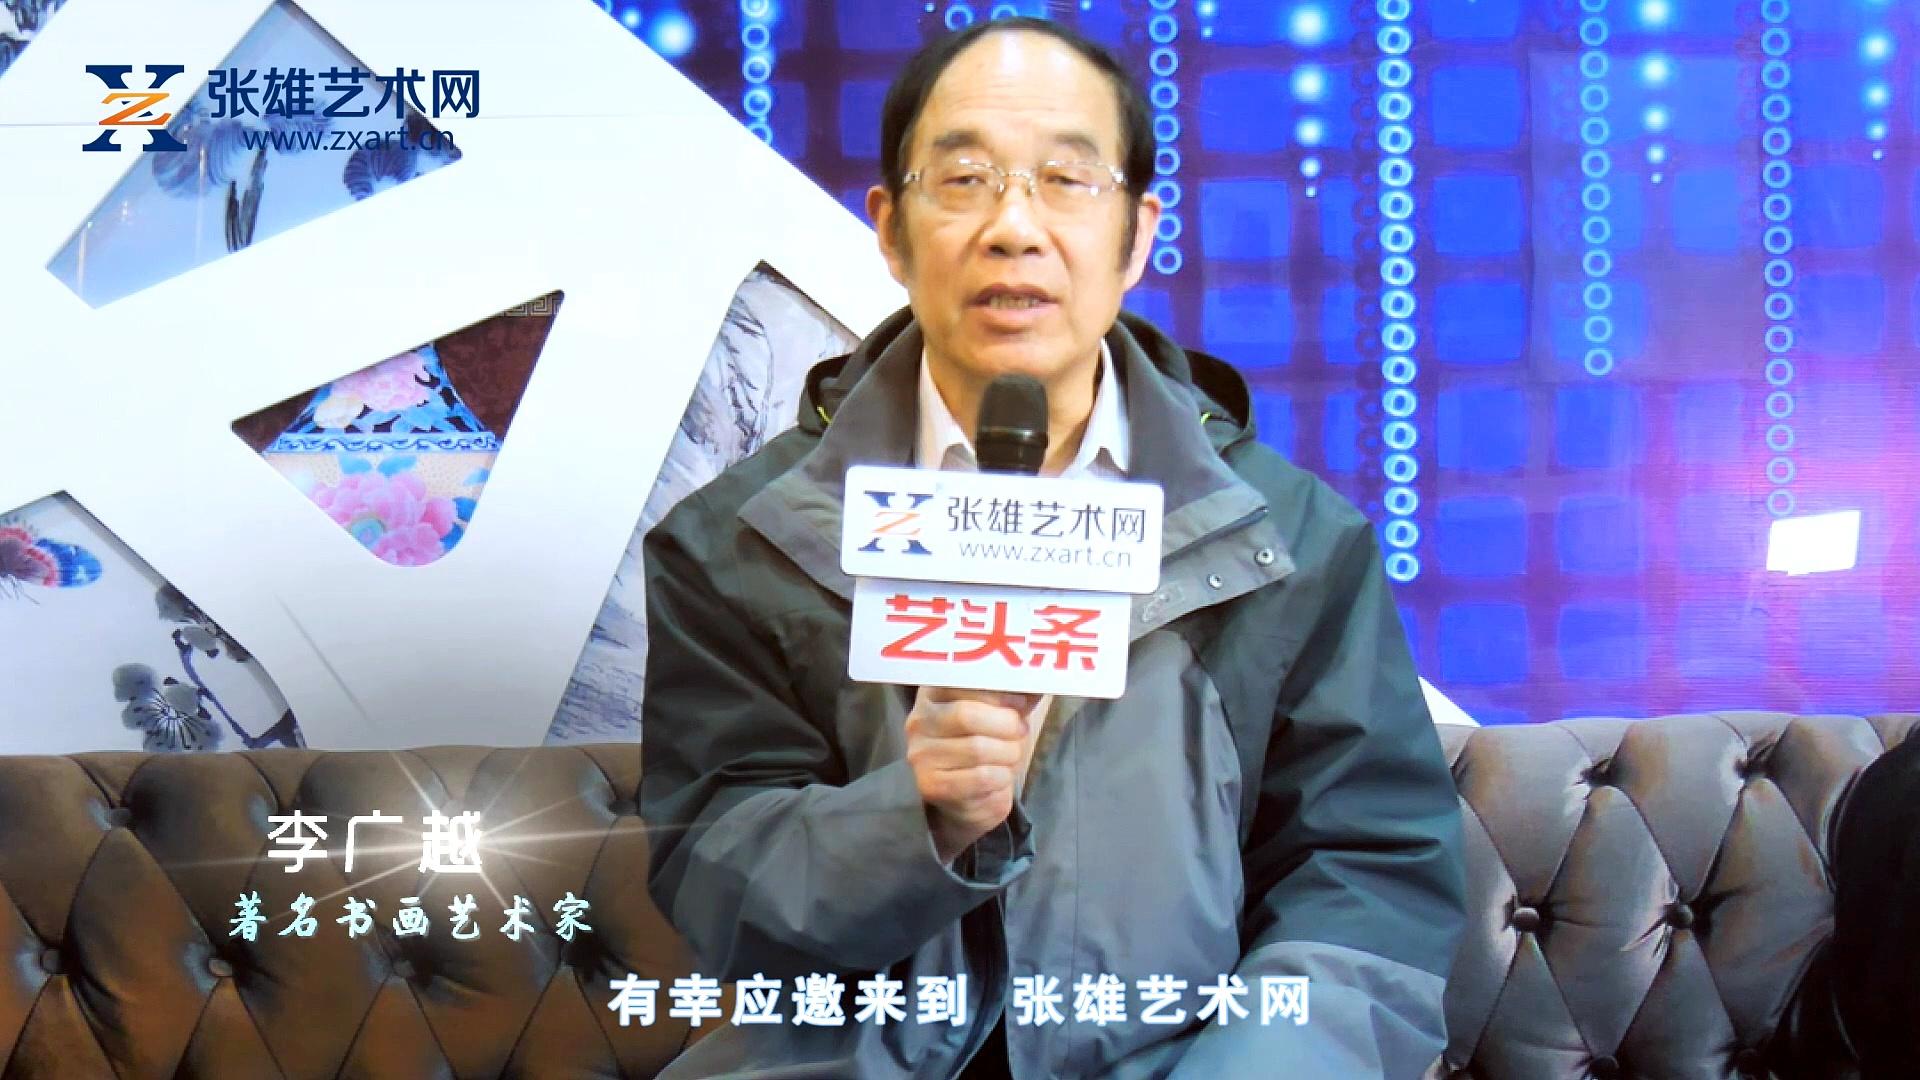 名家專訪 | 著名書畫藝術家--李廣越